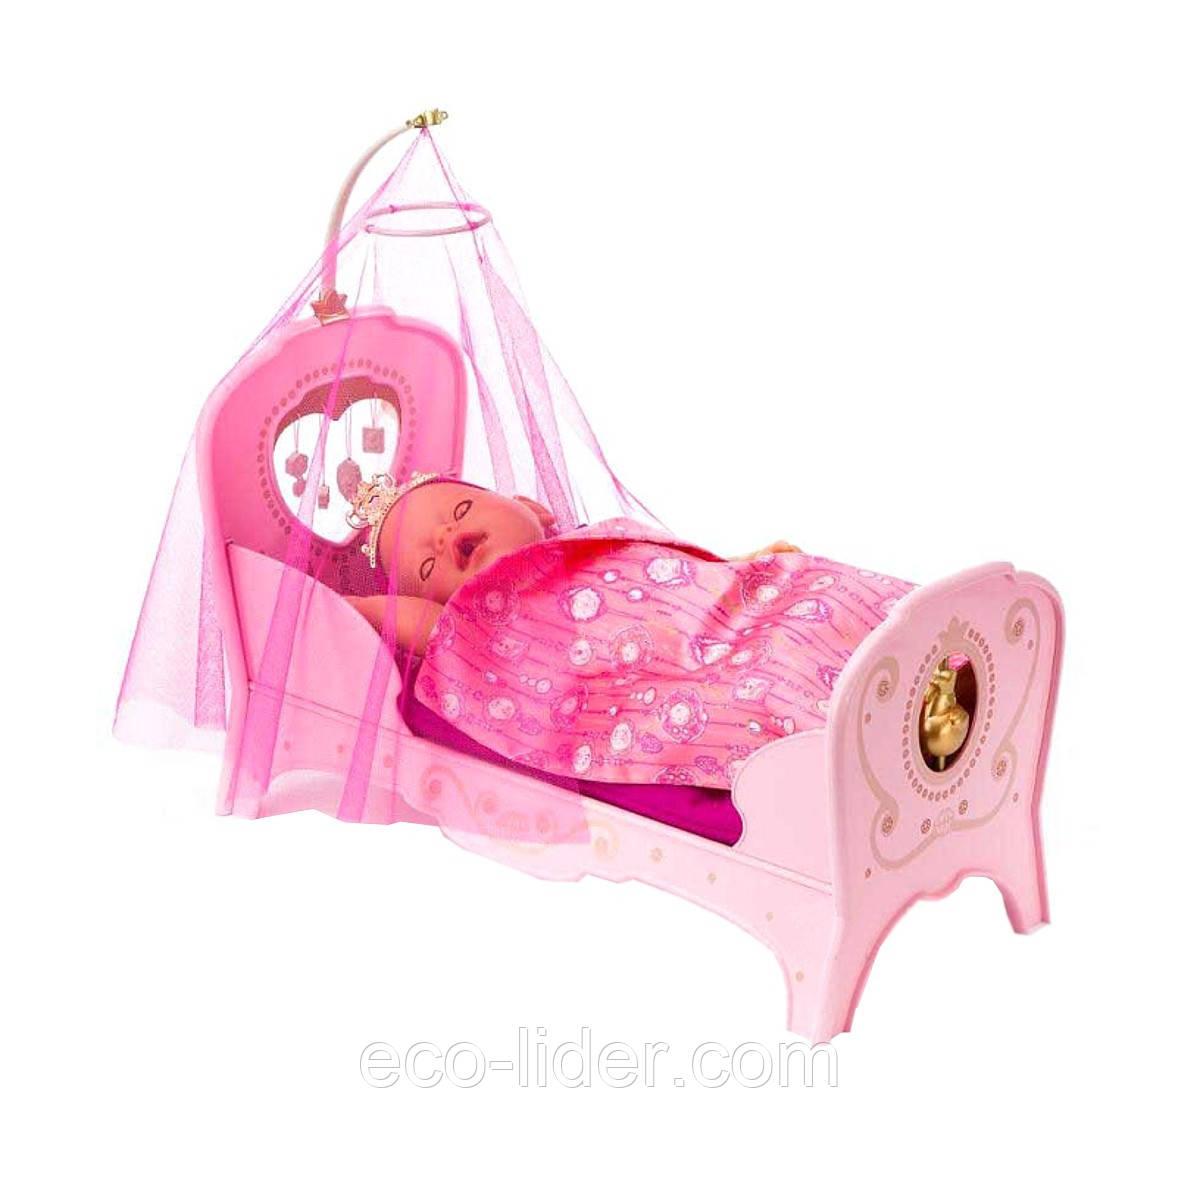 Інтерактивна ліжечко для ляльки BABY BORN - СОЛОДКІ СНИ ПРИНЦЕСИ (світло, звук)